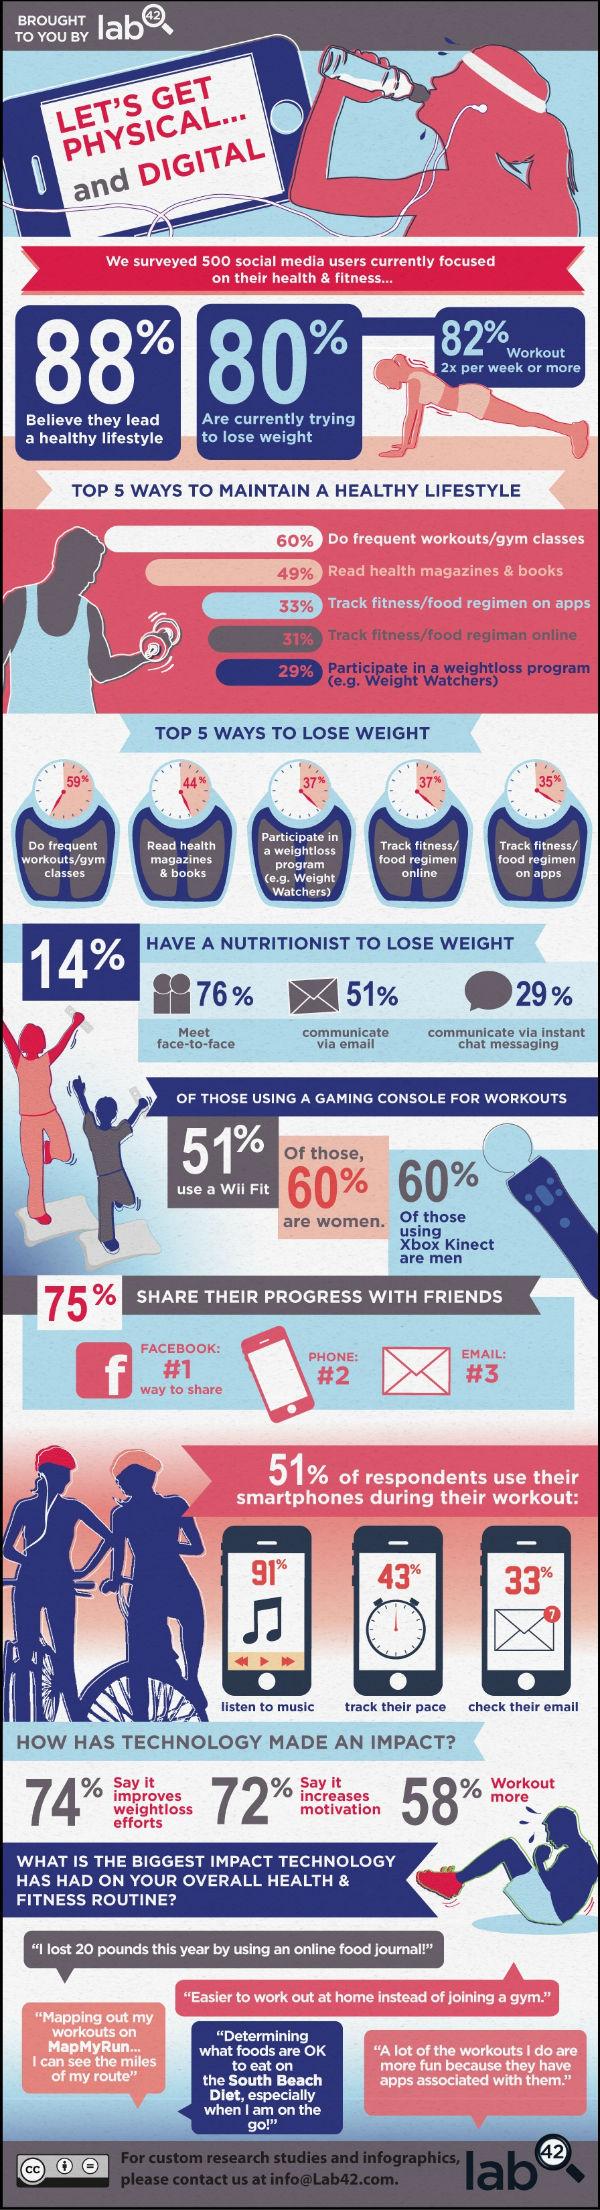 Fitness1 ¿Usas tu smartphone durante el ejercicio o el gimnasio? [Infografía]